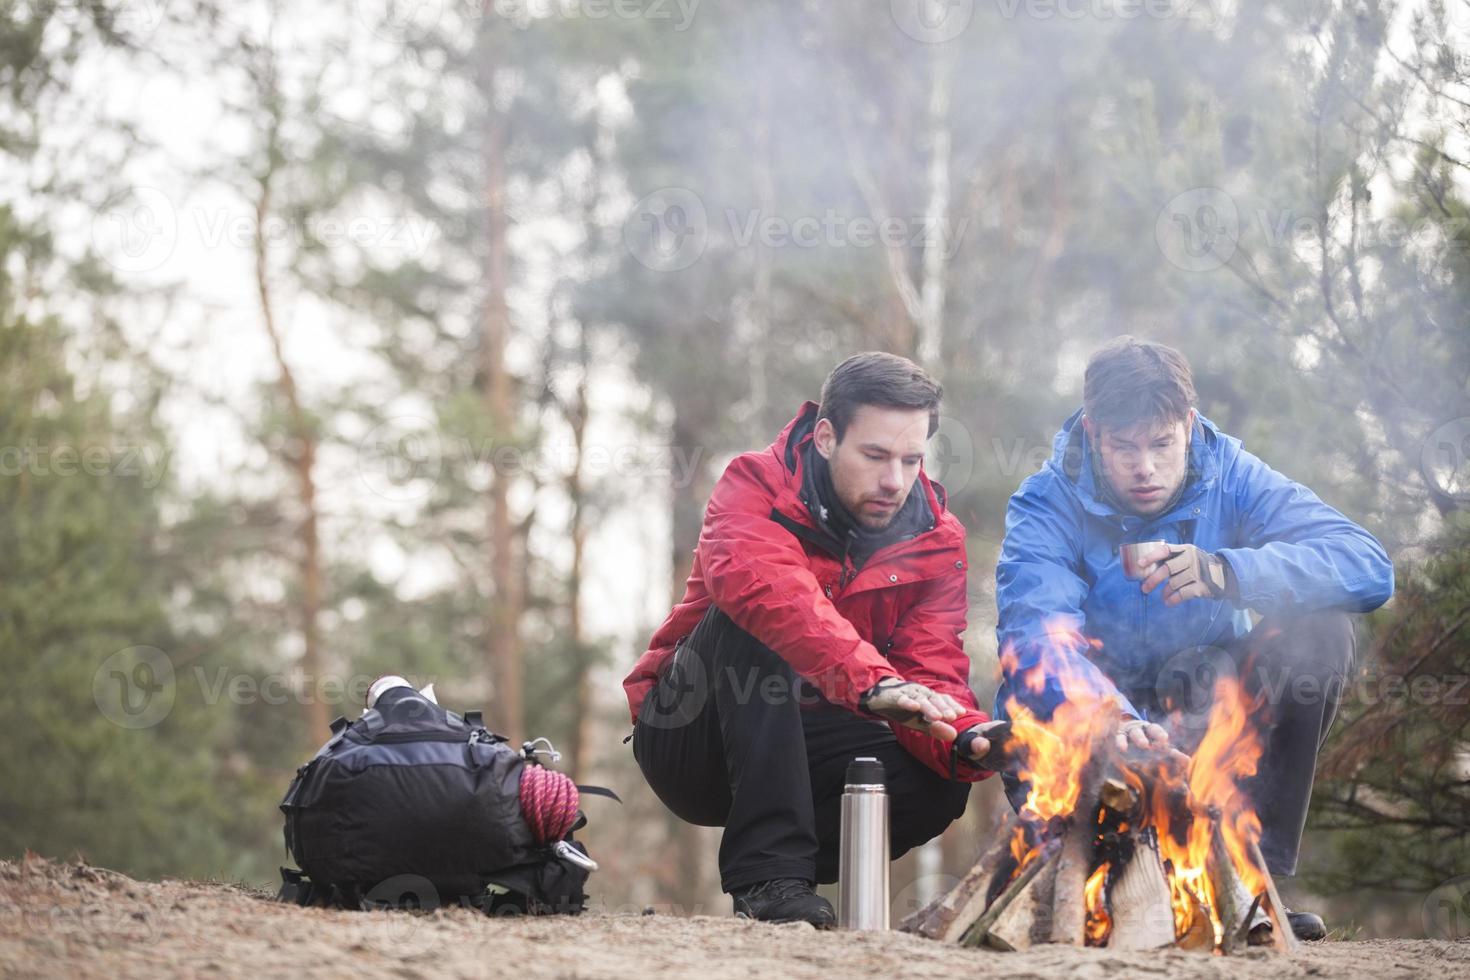 escursionisti maschi che si scaldano le mani al fuoco nella foresta foto